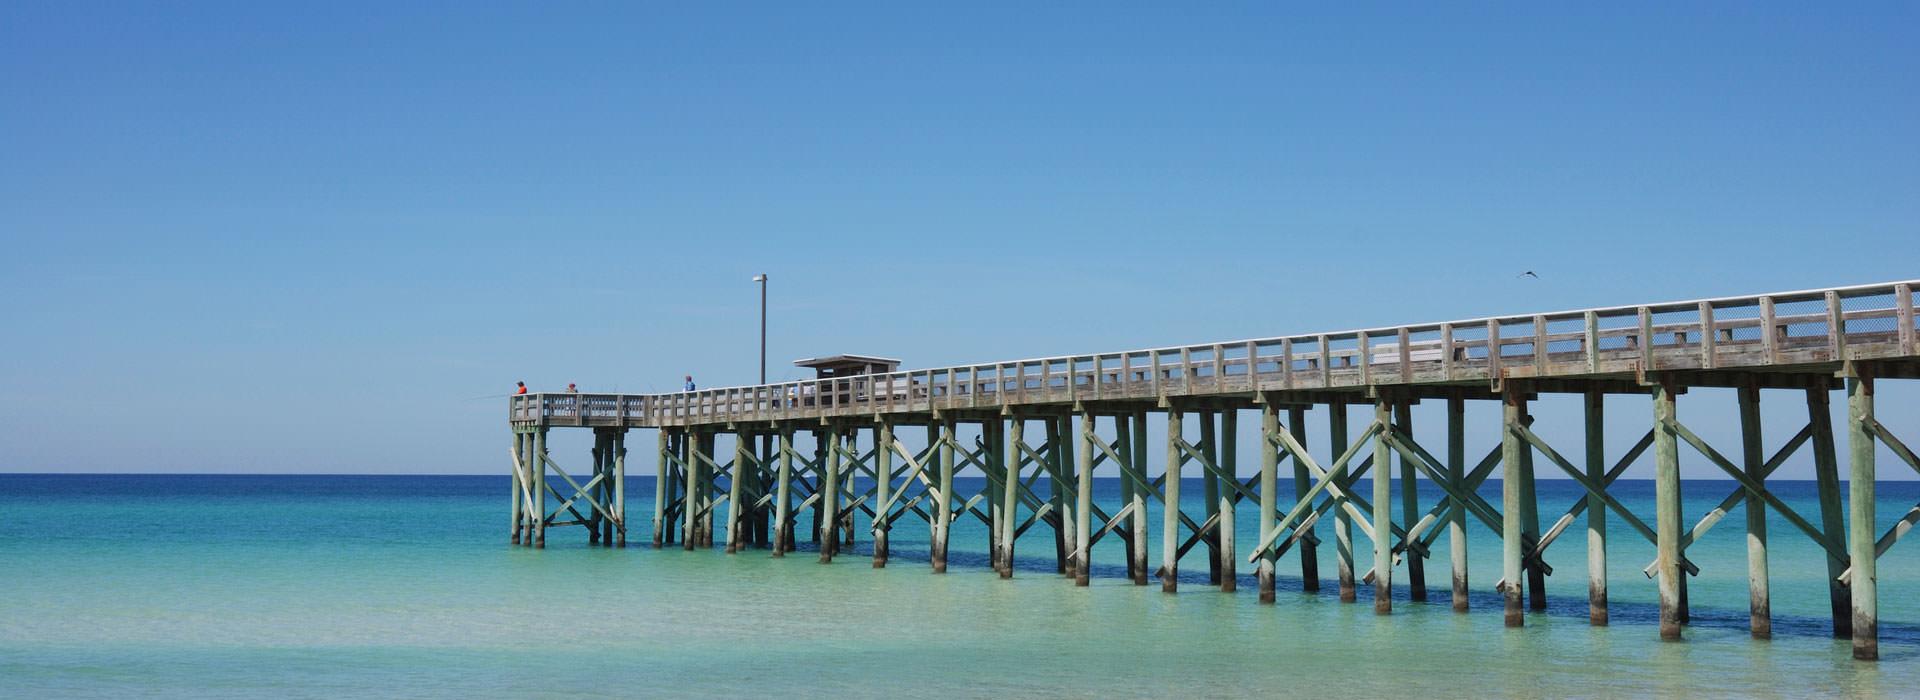 Panama City Vacation Condo Rentals | Panama City Beachfront Condos